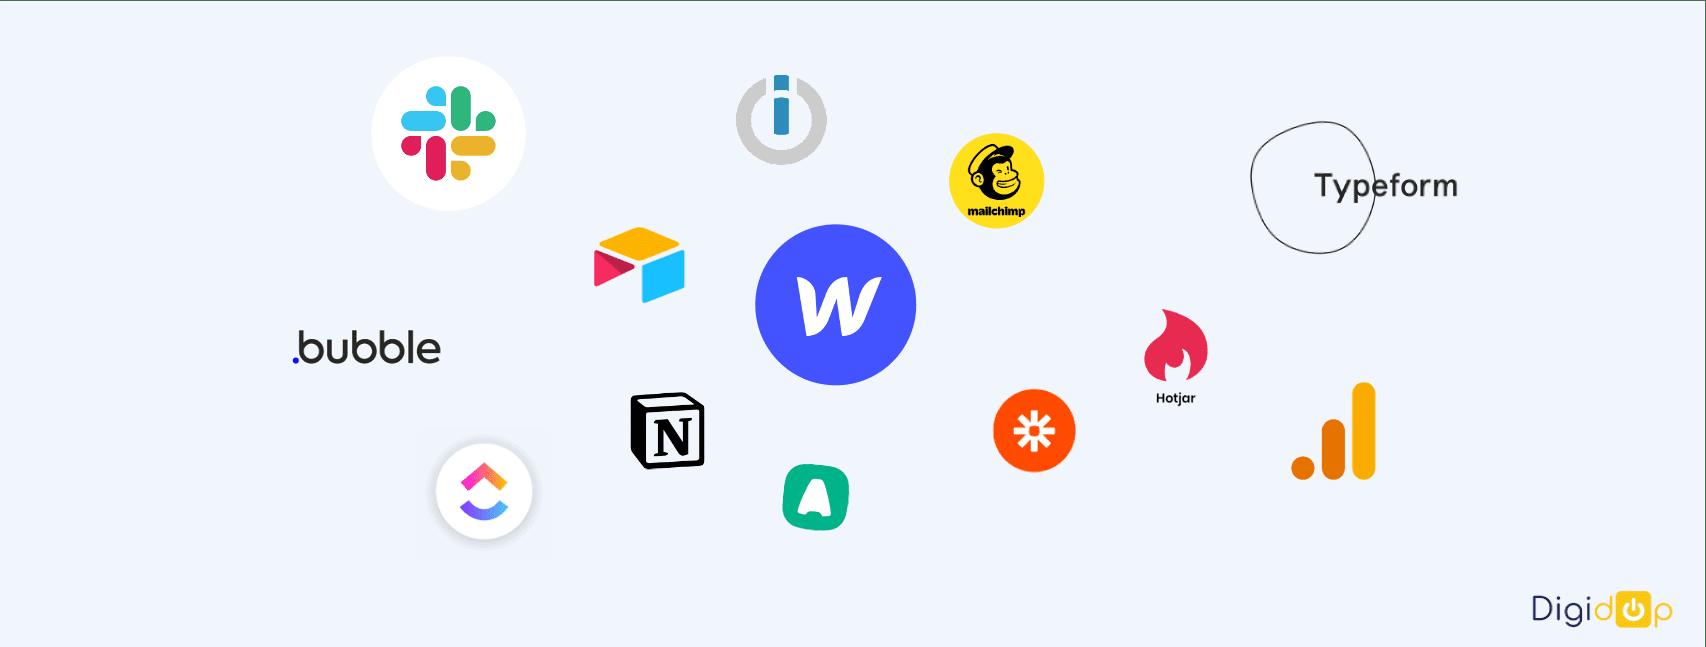 Logo d'outils nocode tel que Webflow, bubble, slack, notion, hotjar